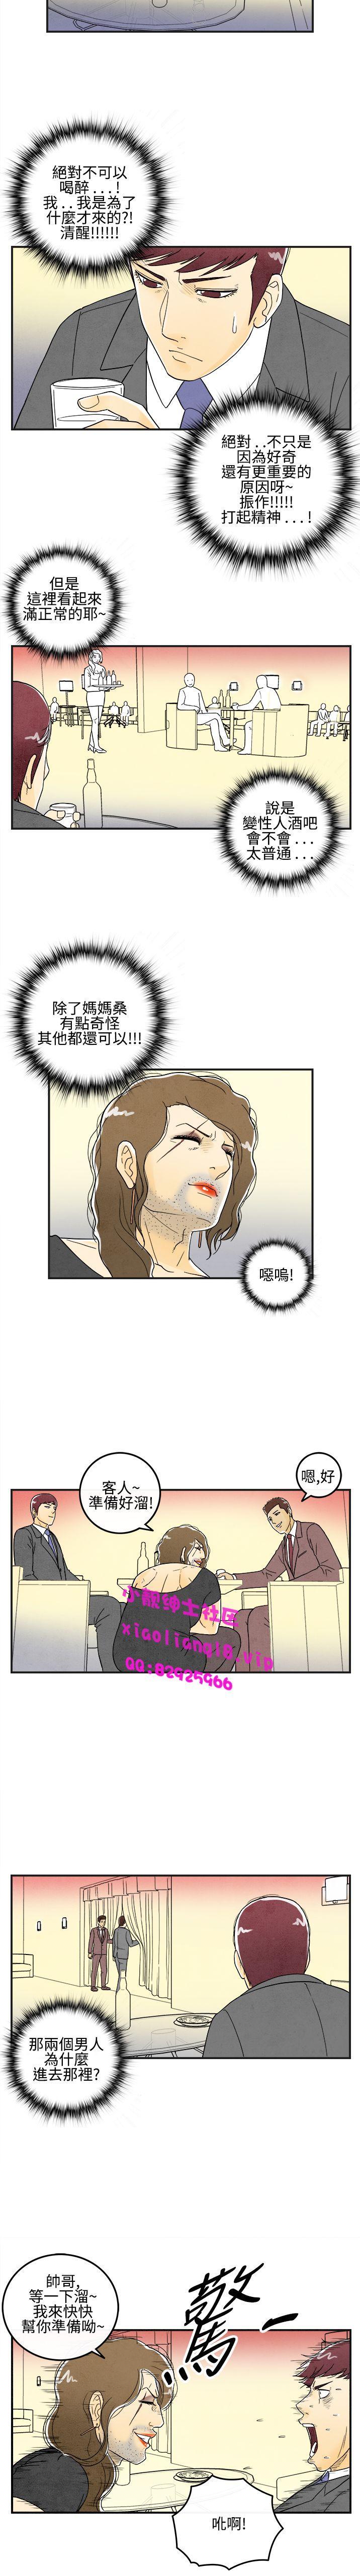 中文韩漫 离婚报告书 Ch.0-10 73